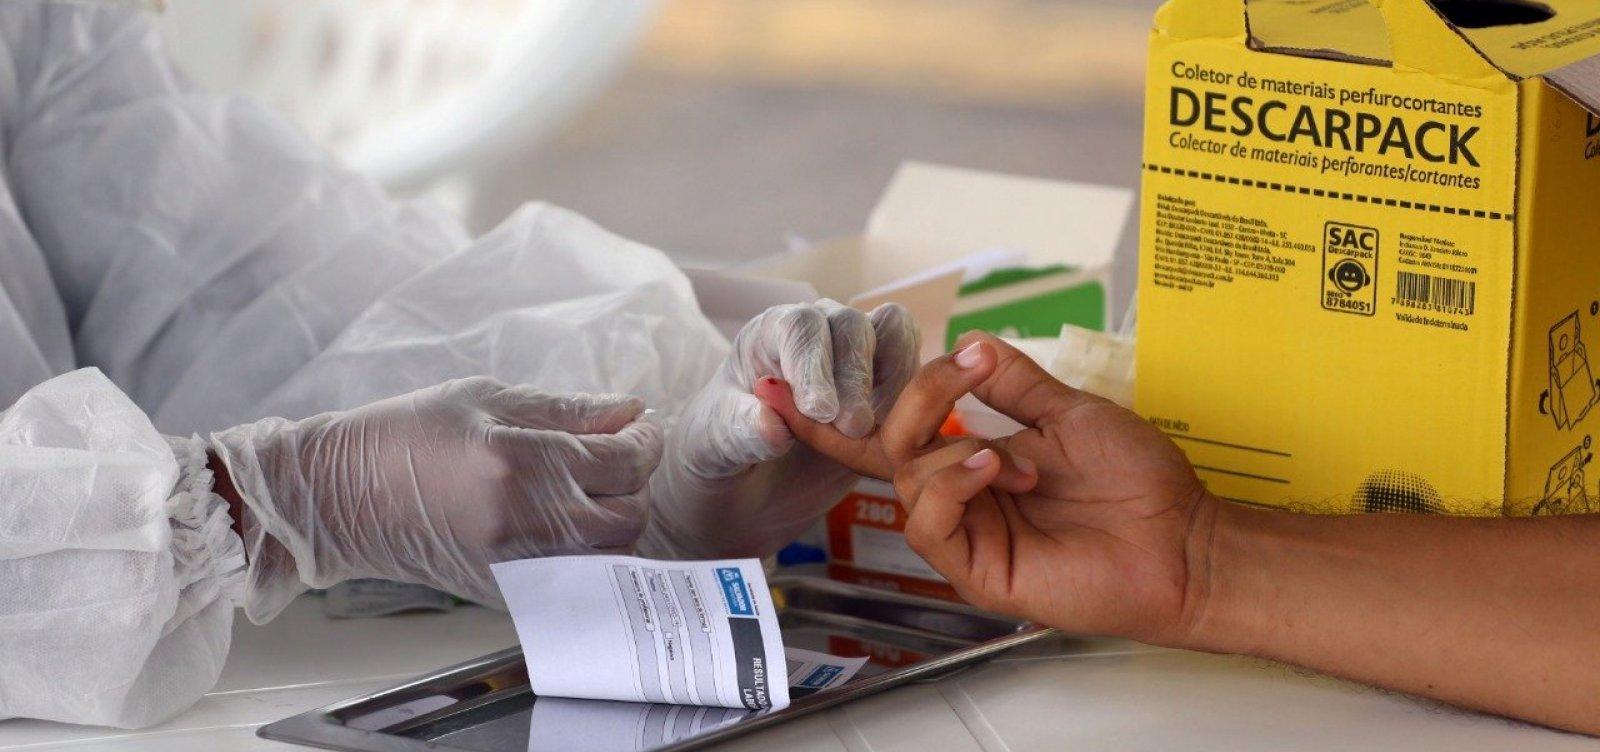 Salvador registra 67% de ocupação de UTI e 2.116 novos casos por Covid-19 nas últimas 24h